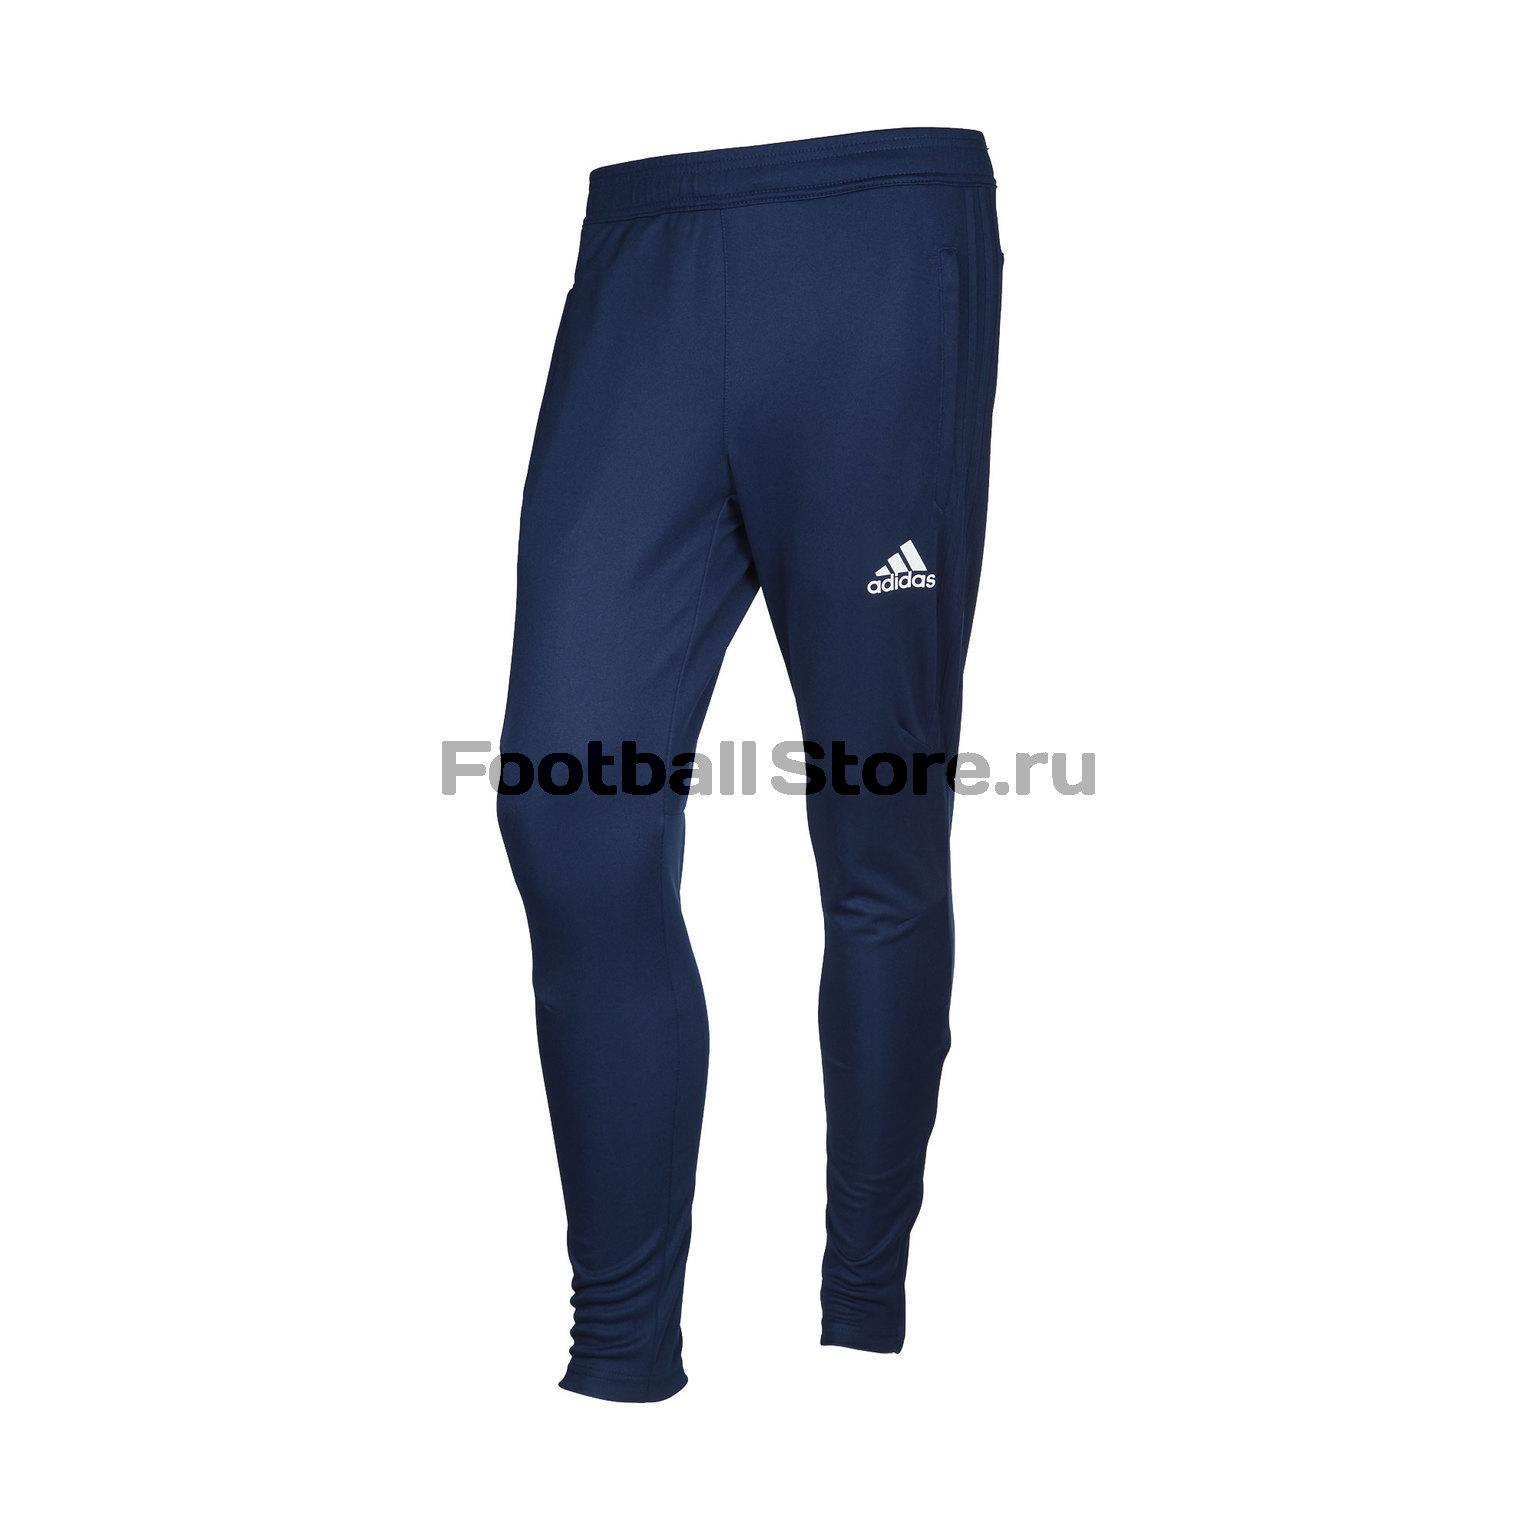 Брюки тренировочные Adidas Tiro17 TRG PNT BQ2719 брюки adidas брюки тренировочные adidas tiro17 swt pnt ay2960